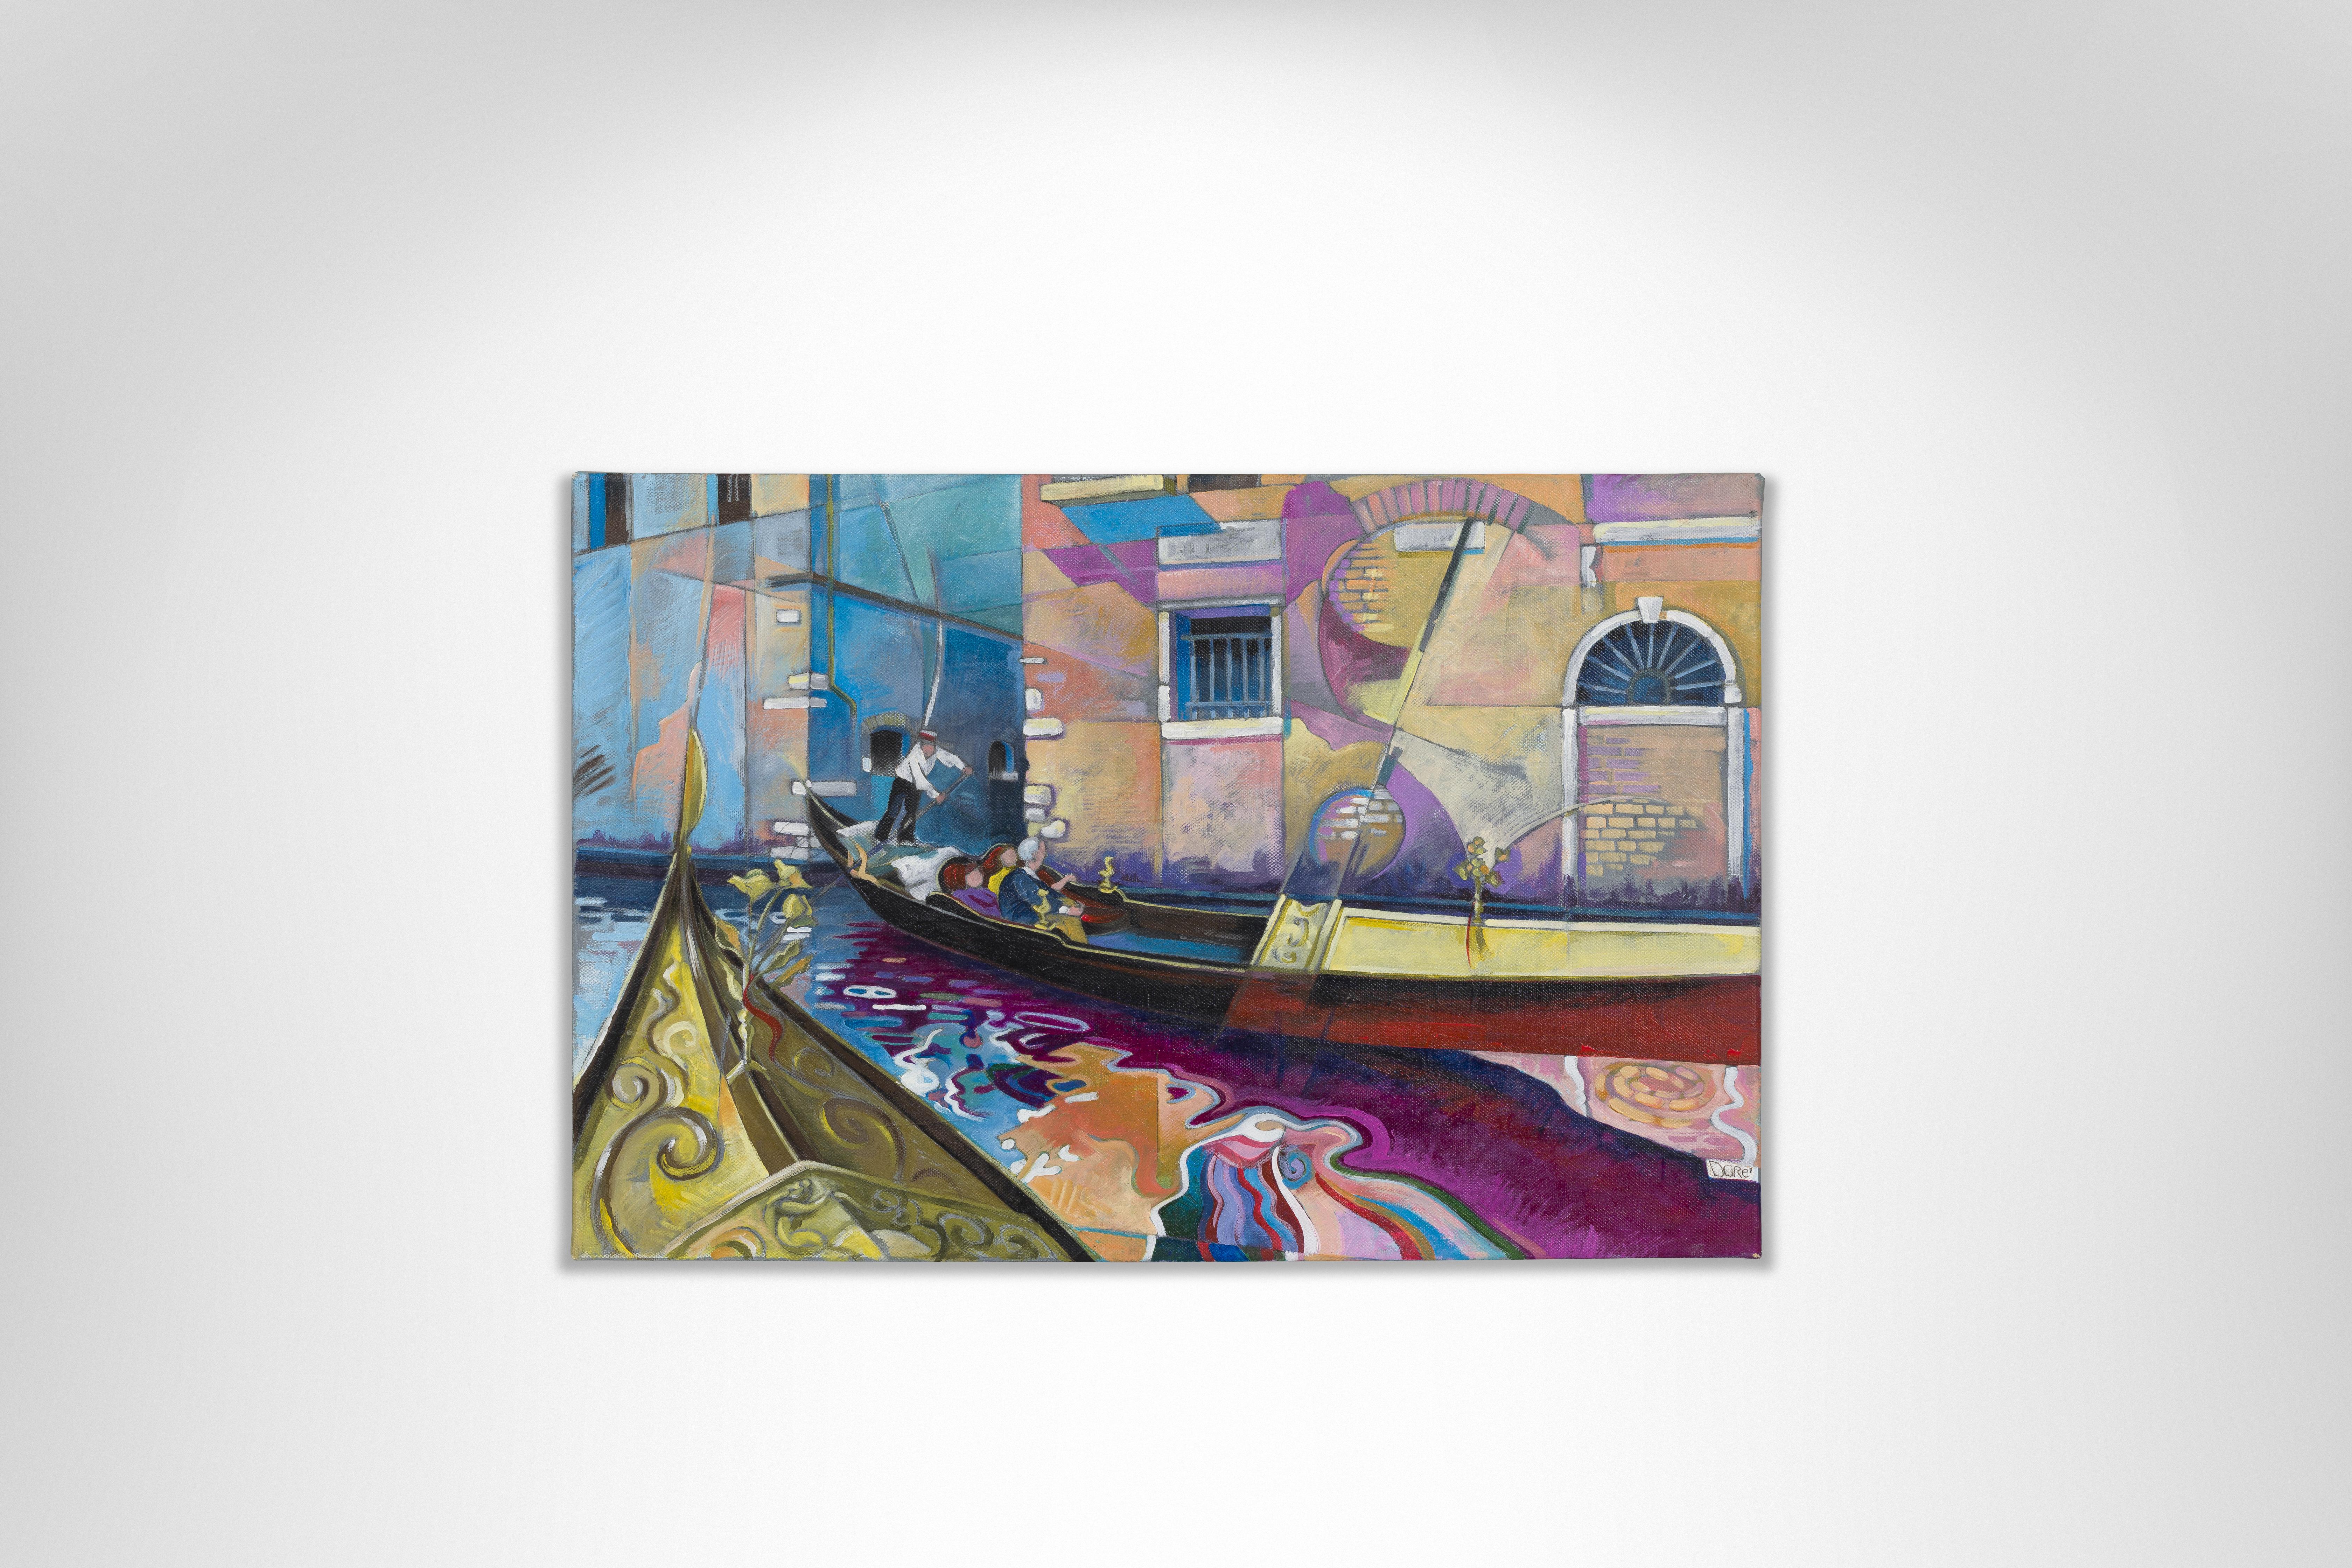 Dorè – Gita in gondola